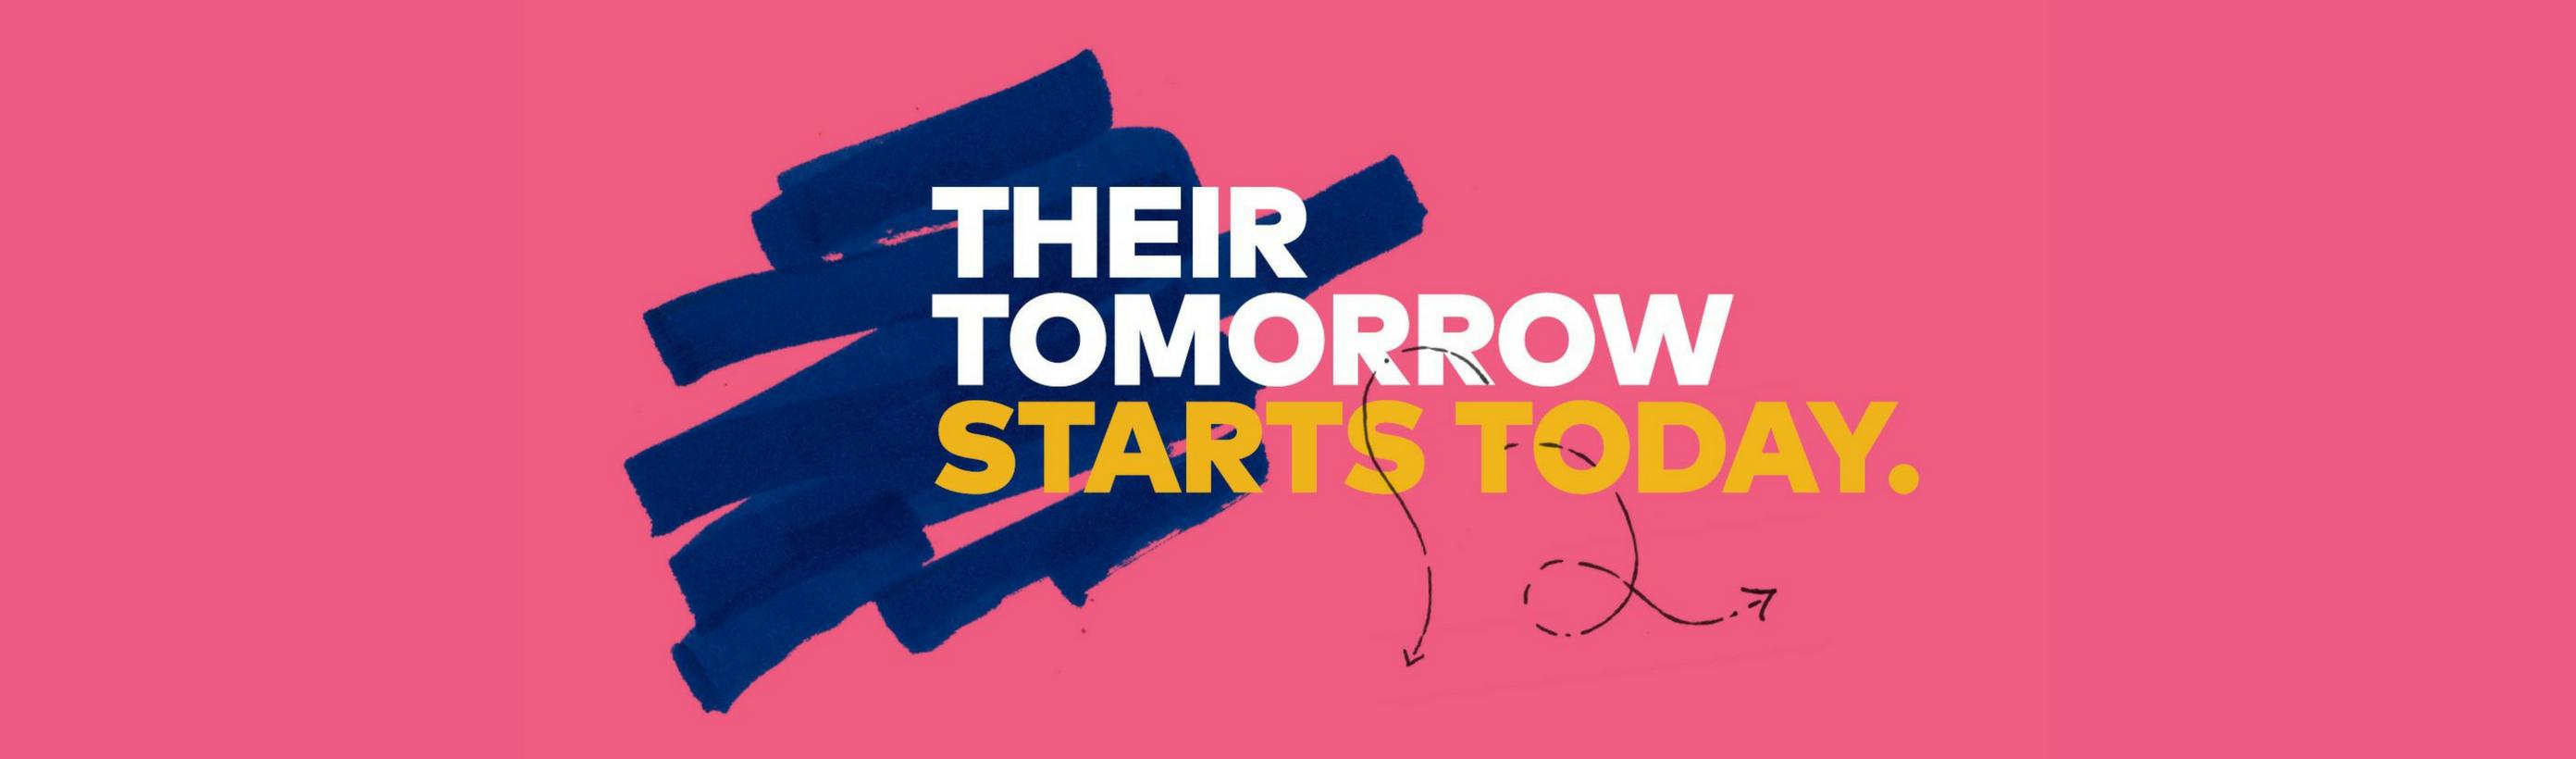 Their Tomorrow Starts Today.